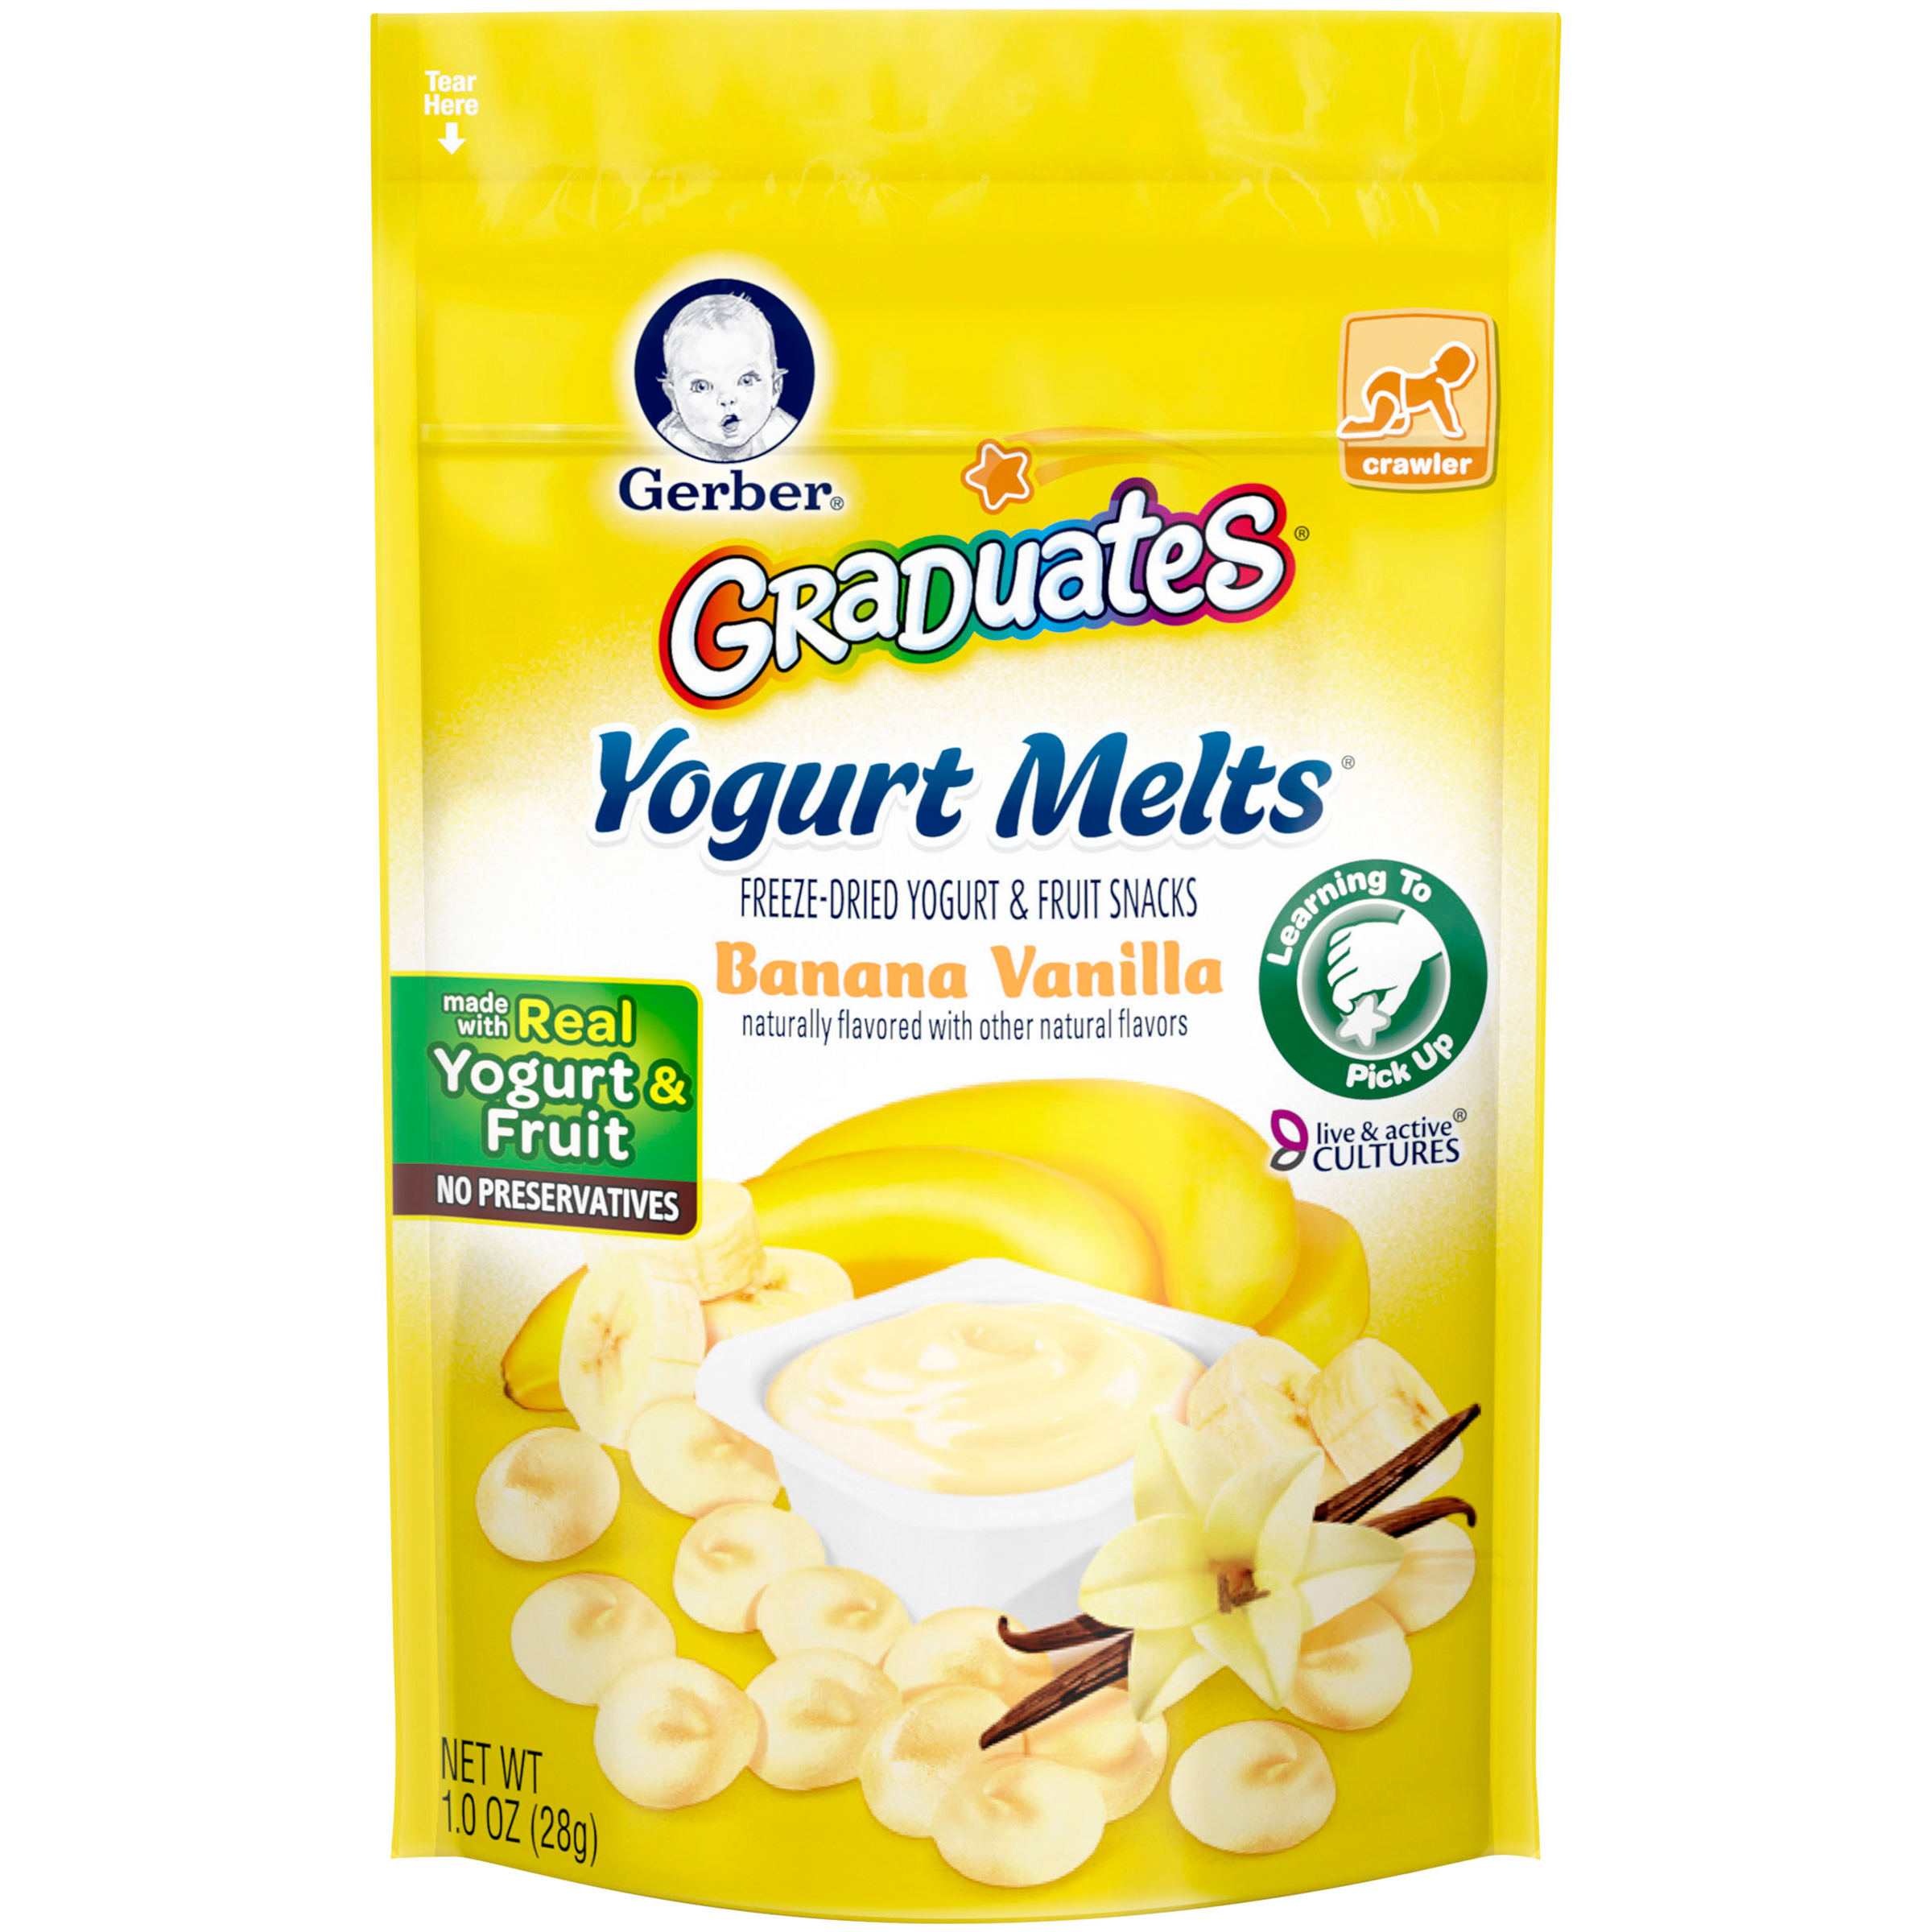 Gerber Graduates Yogurt Melts Banana Vanilla